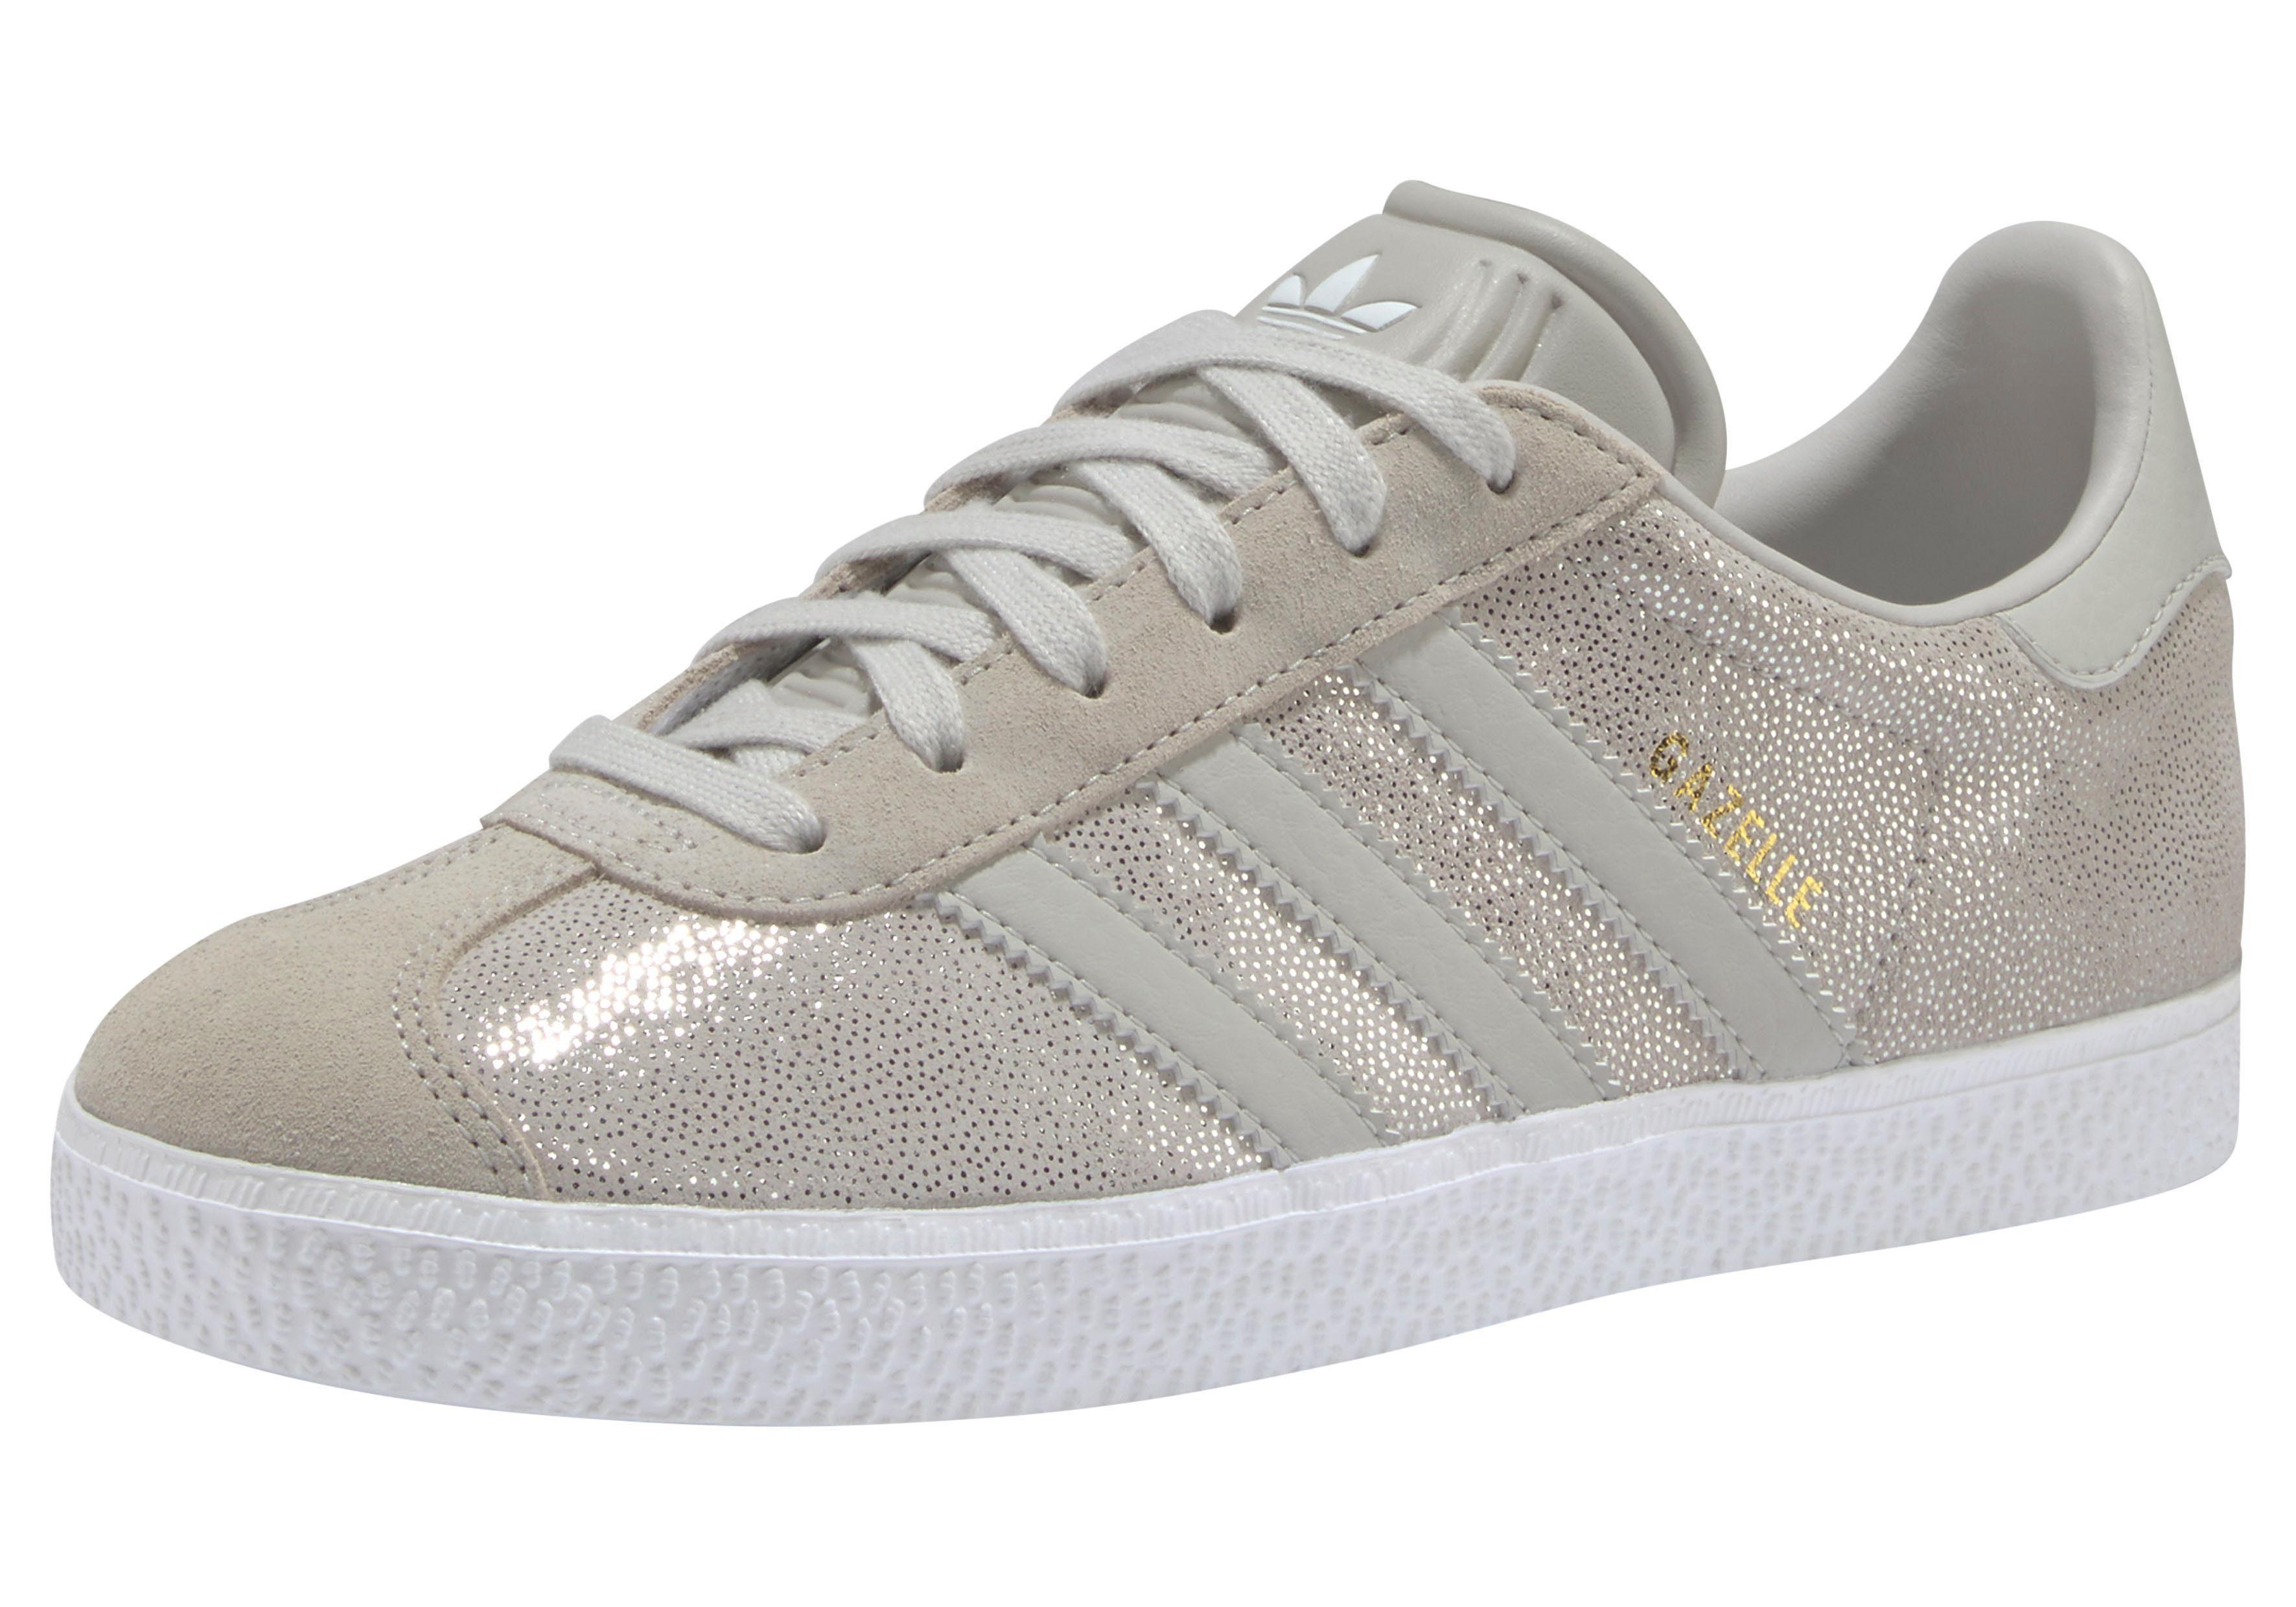 adidas Originals »Gazelle J« Sneaker, Materialmix aus Synthetik und Leder online kaufen | OTTO